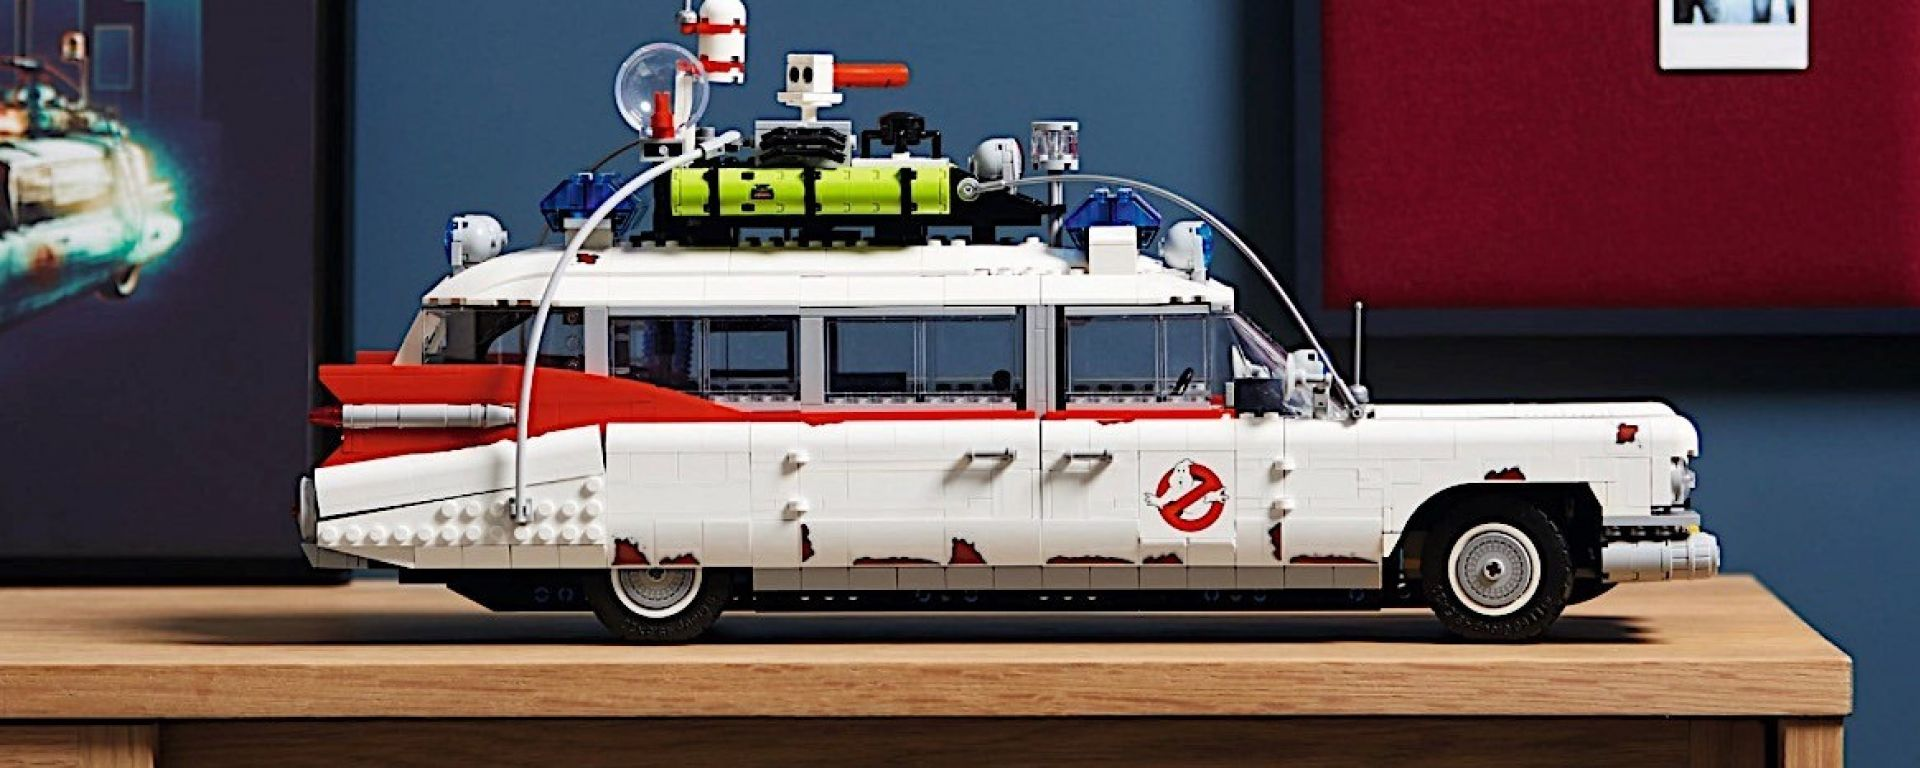 Ghostbusters: la Ecto-1 Lego Creator misura 46 cm di lunghezza